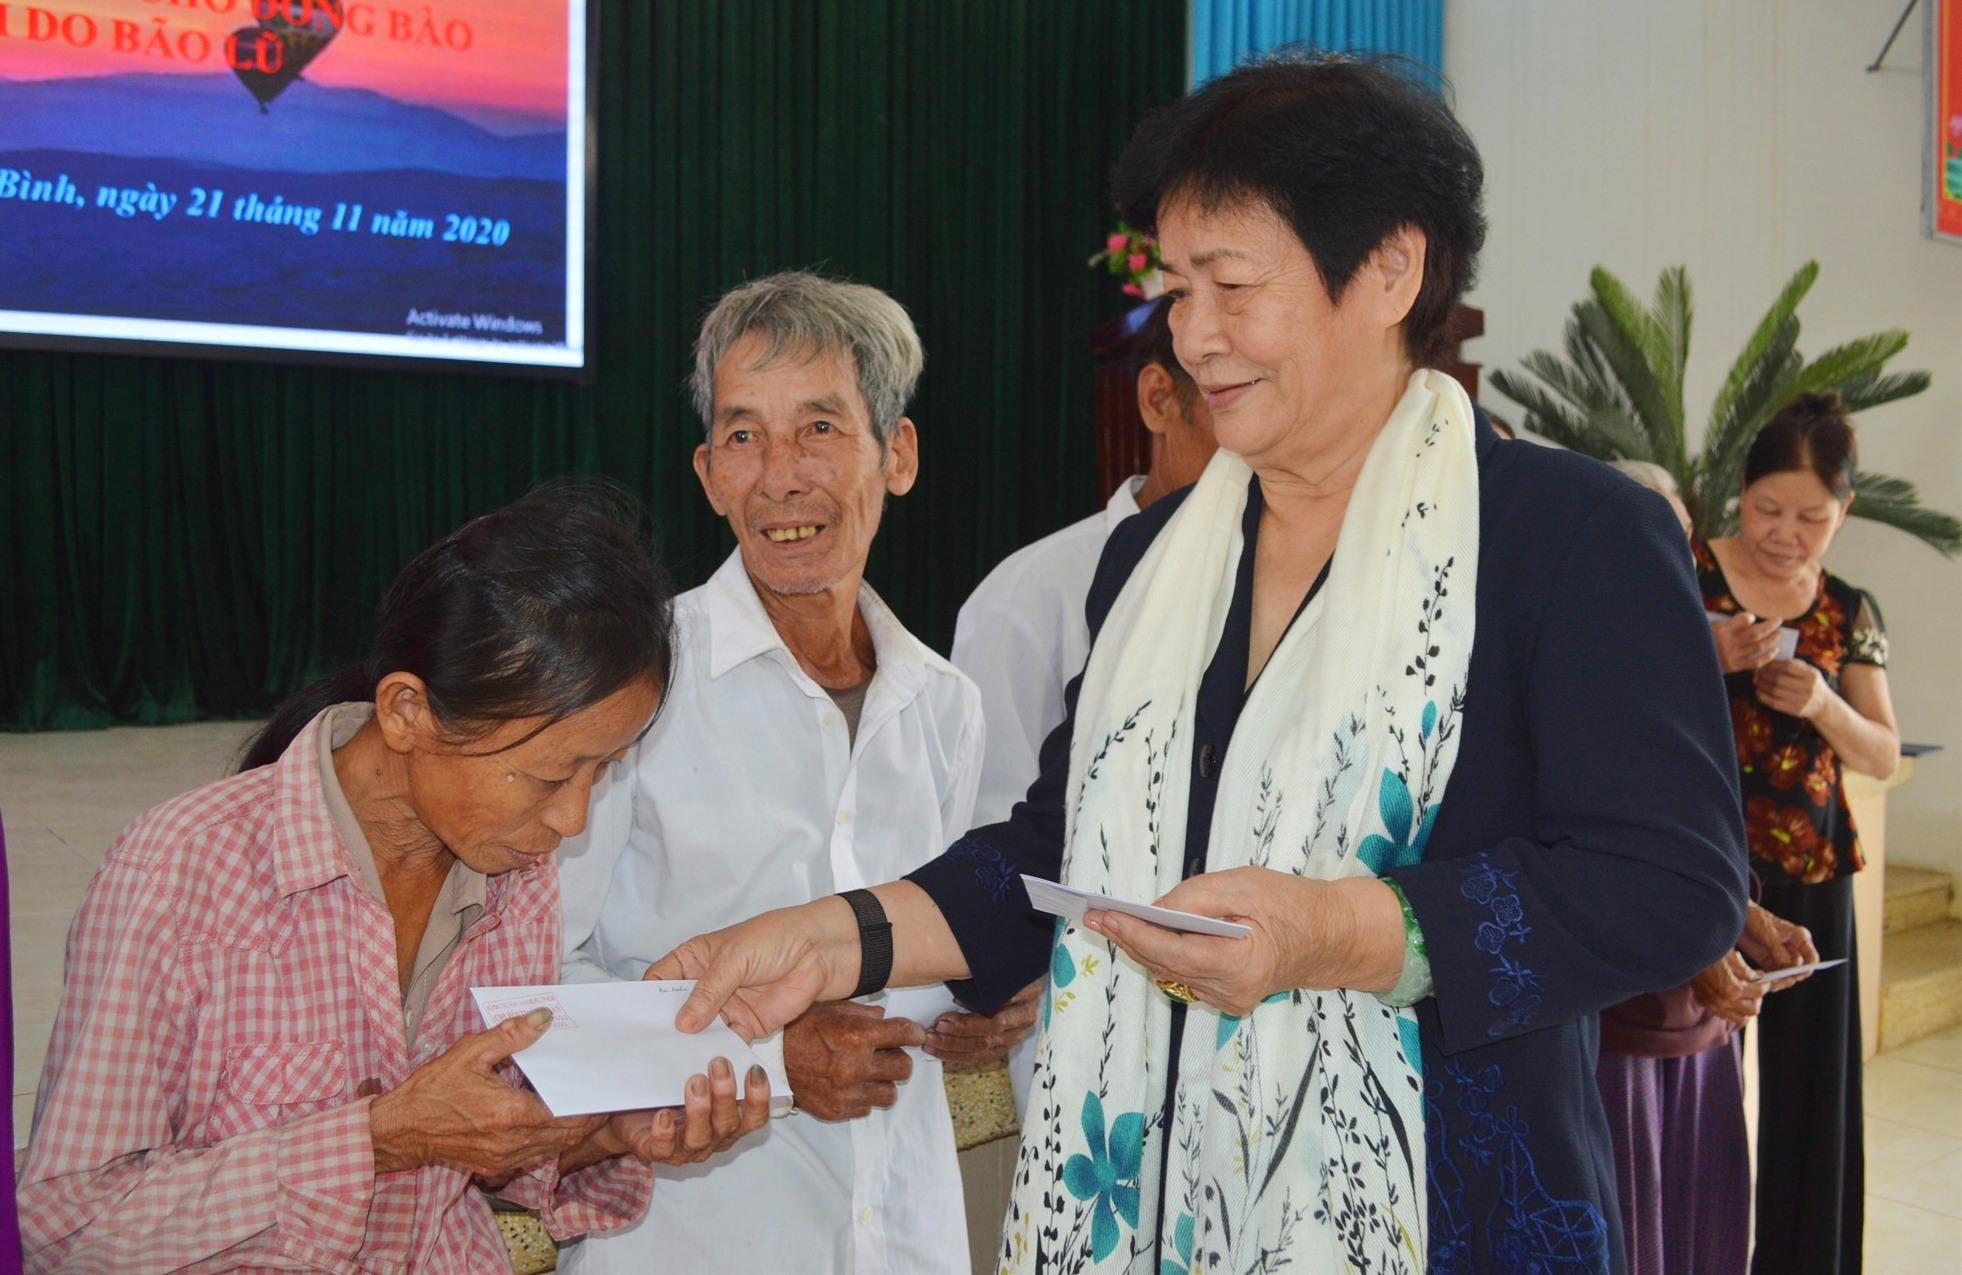 Bà Lê Thị Vân trao quà hỗ trợ cho người dân huyện Thăng Bình